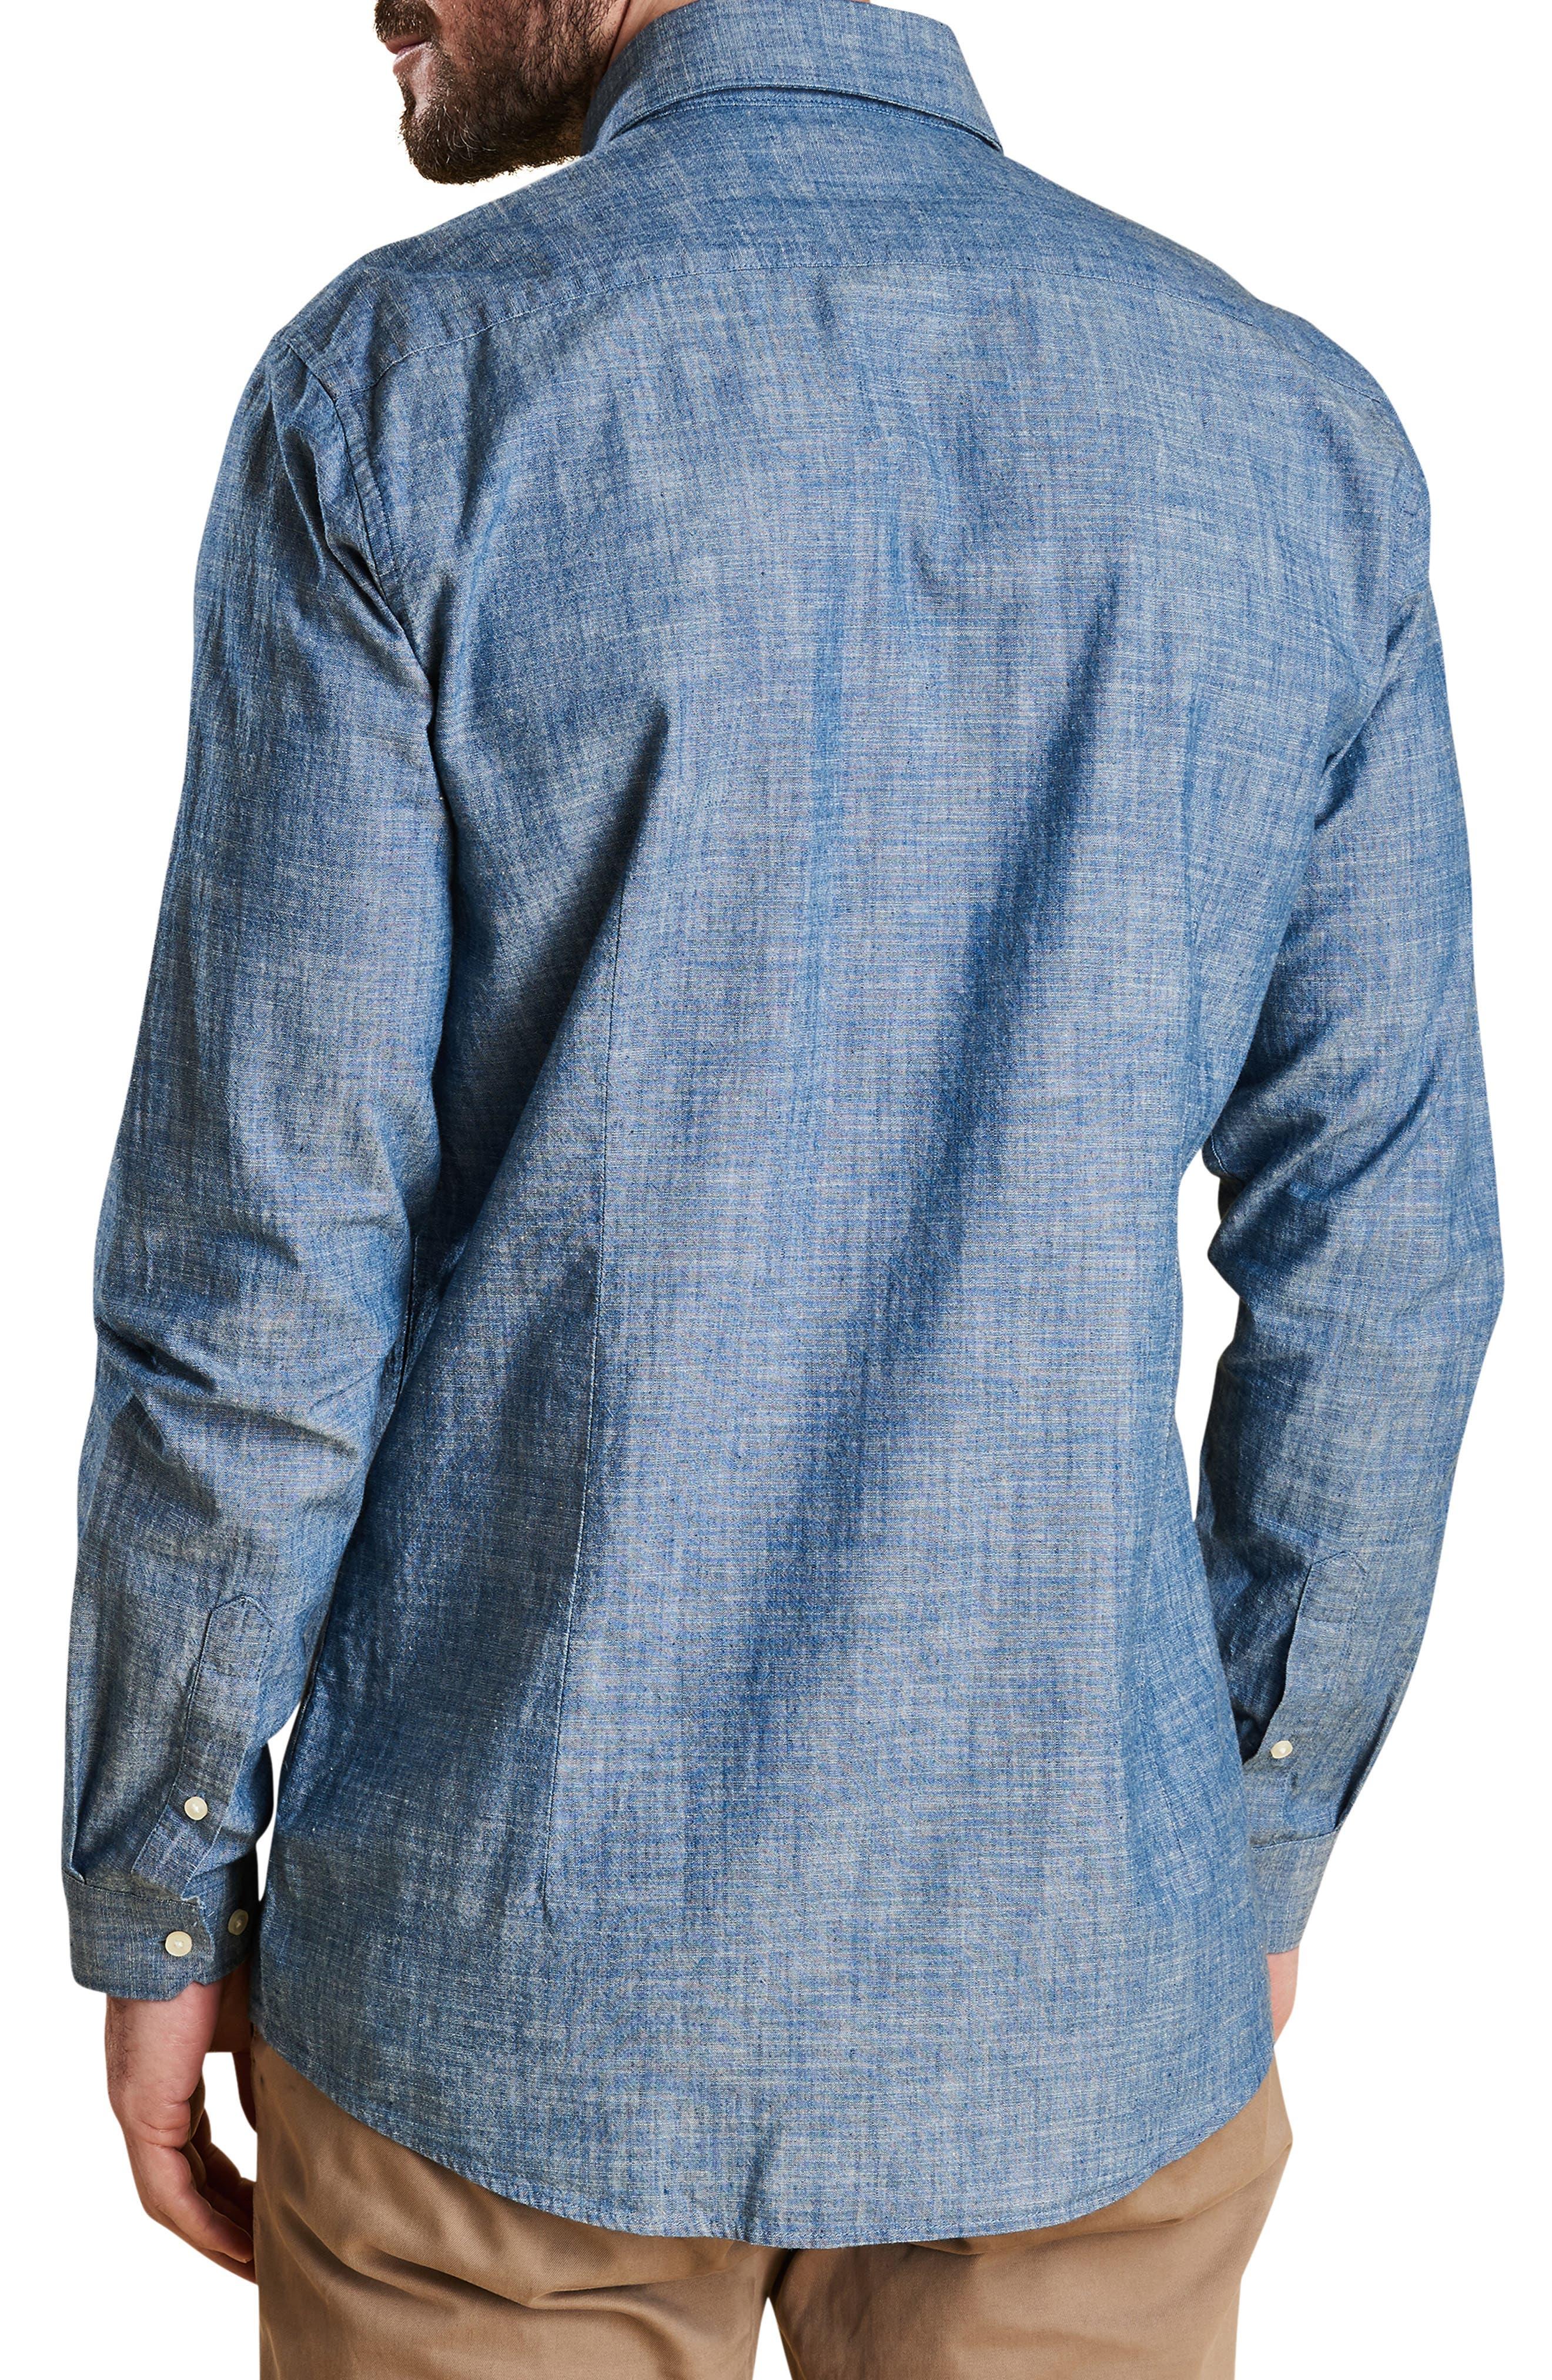 Highfield Chambray Shirt,                             Alternate thumbnail 3, color,                             INDIGO